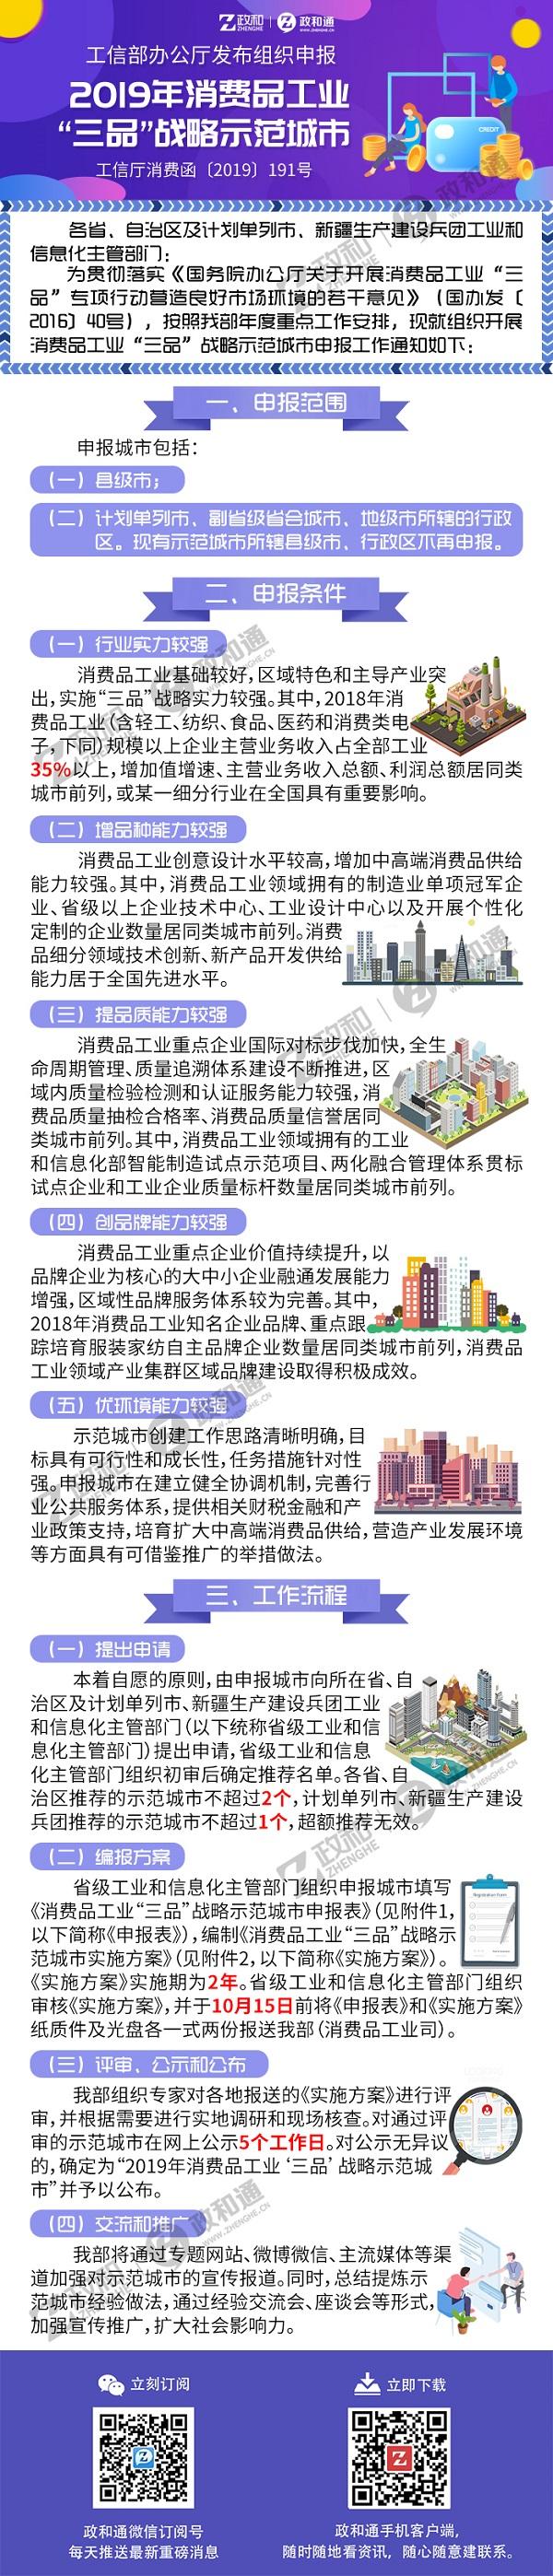 """政和通 工信部辦公廳發布組織申報2019年消費品工業""""三品""""戰略示范城市的通知.jpg"""